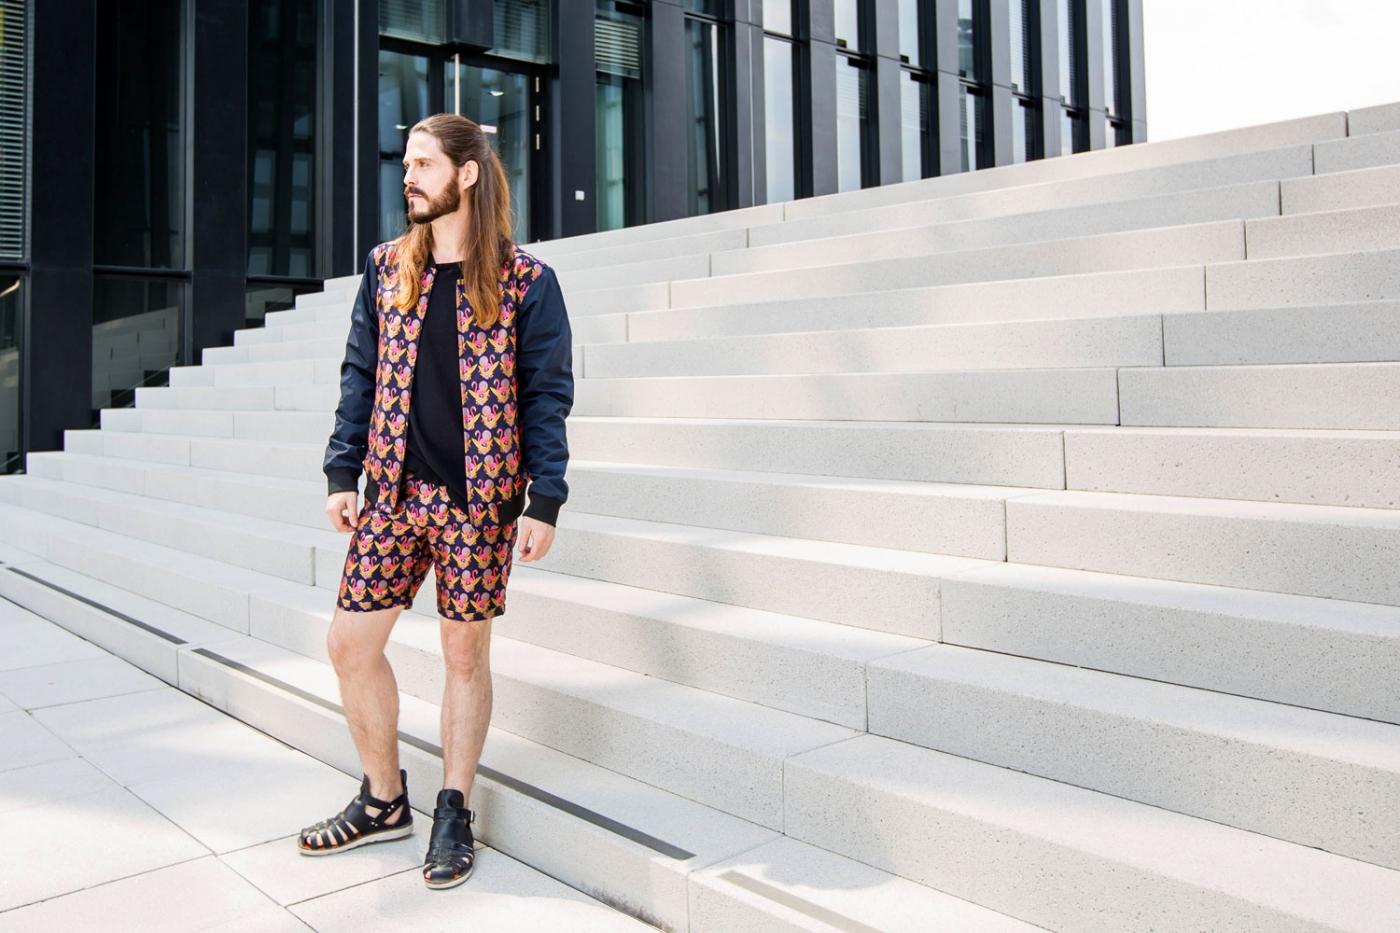 kaisers-neue-kleider-maennermode-blog-fashion-scotchsoda-flamingo-shorts-college-jacke-sandalen-summer